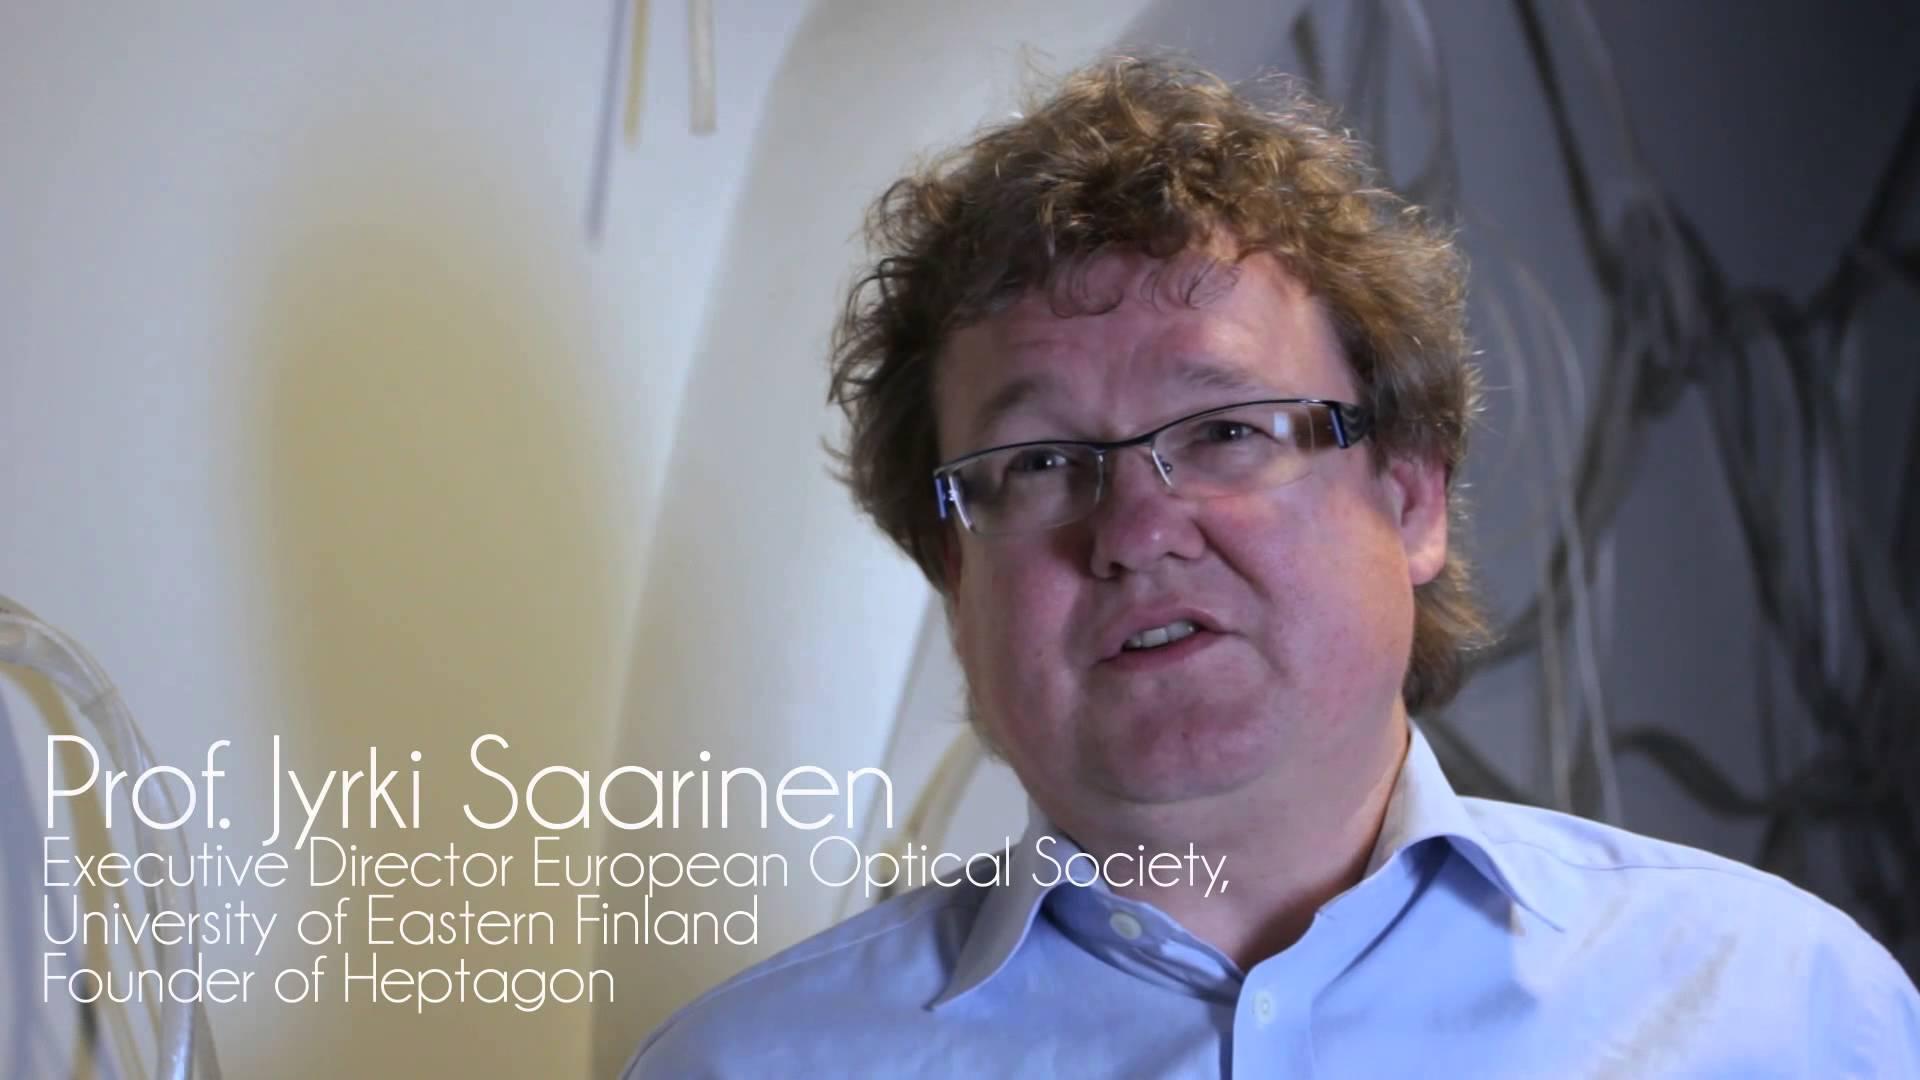 LUXeXcel Professor Jyrki Saarinen